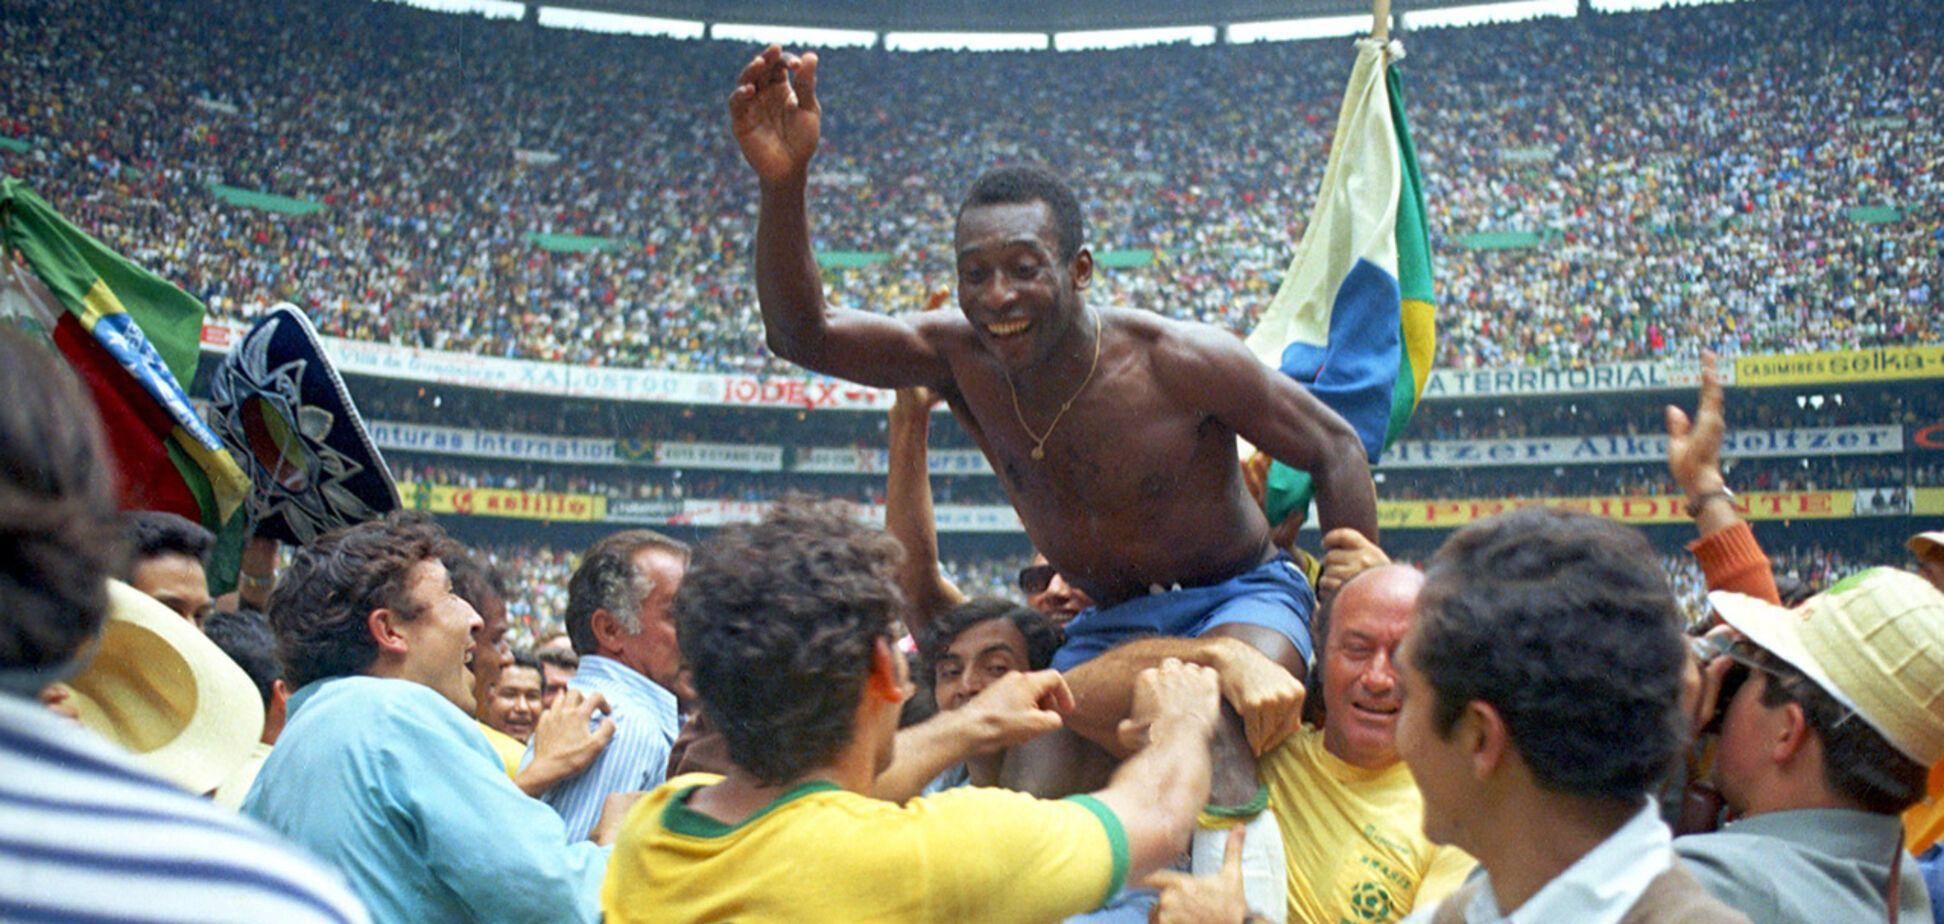 Пеле празднует победу на ЧМ-1970